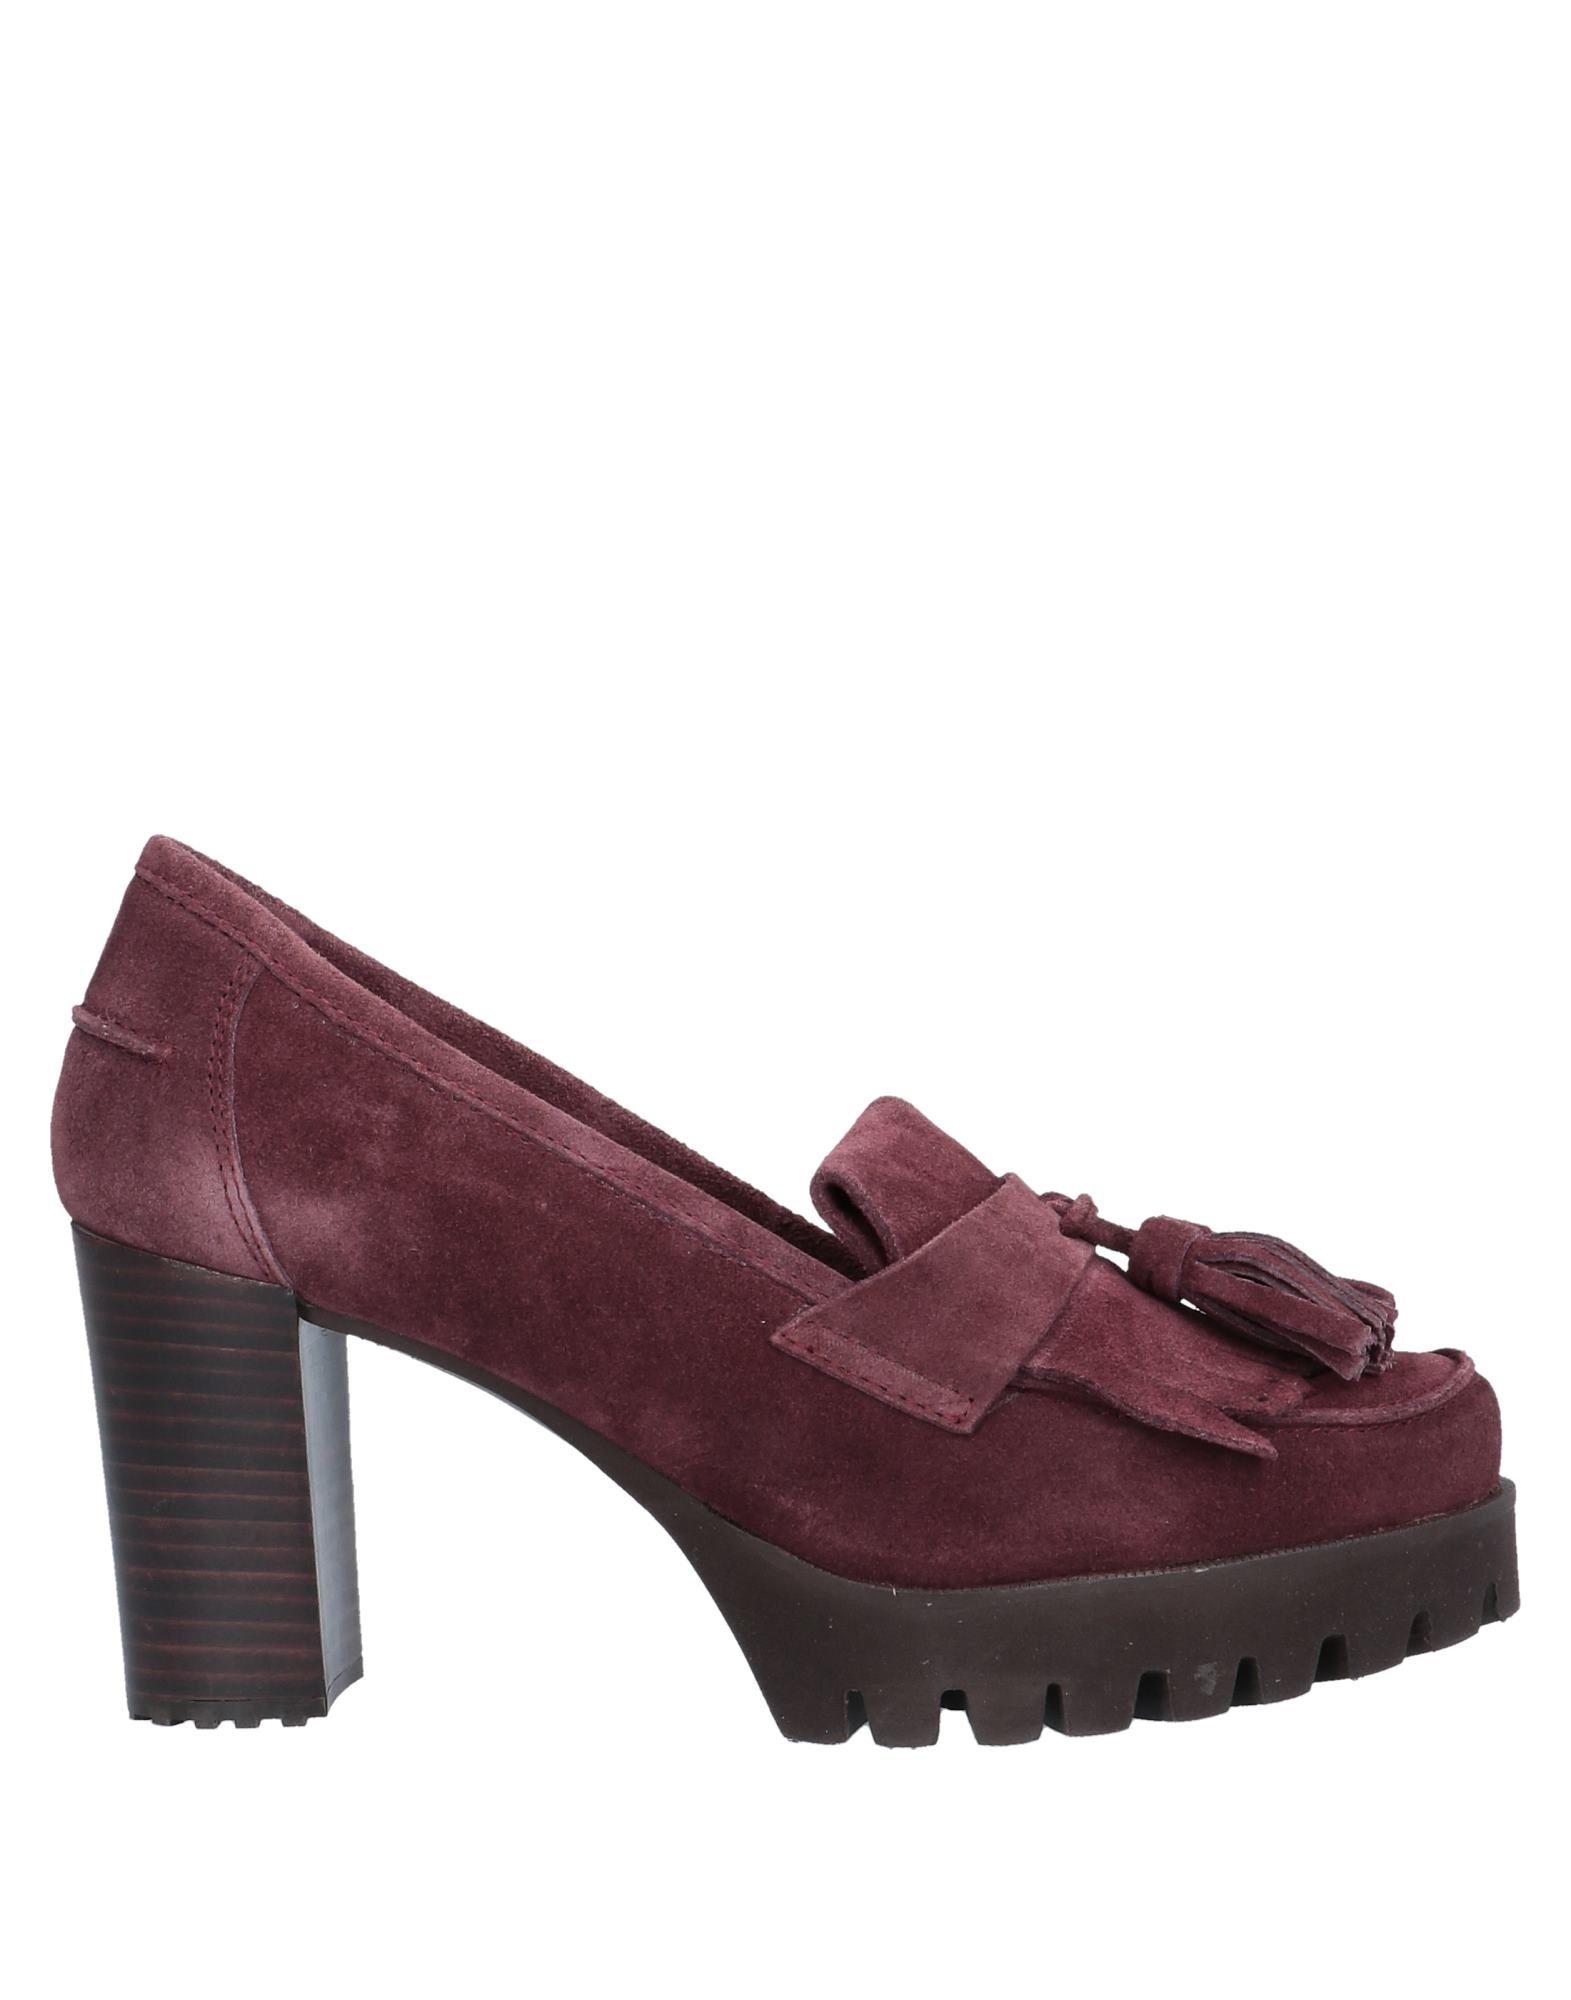 Фото - PEDRO MIRALLES Мокасины pedro miralles обувь на шнурках